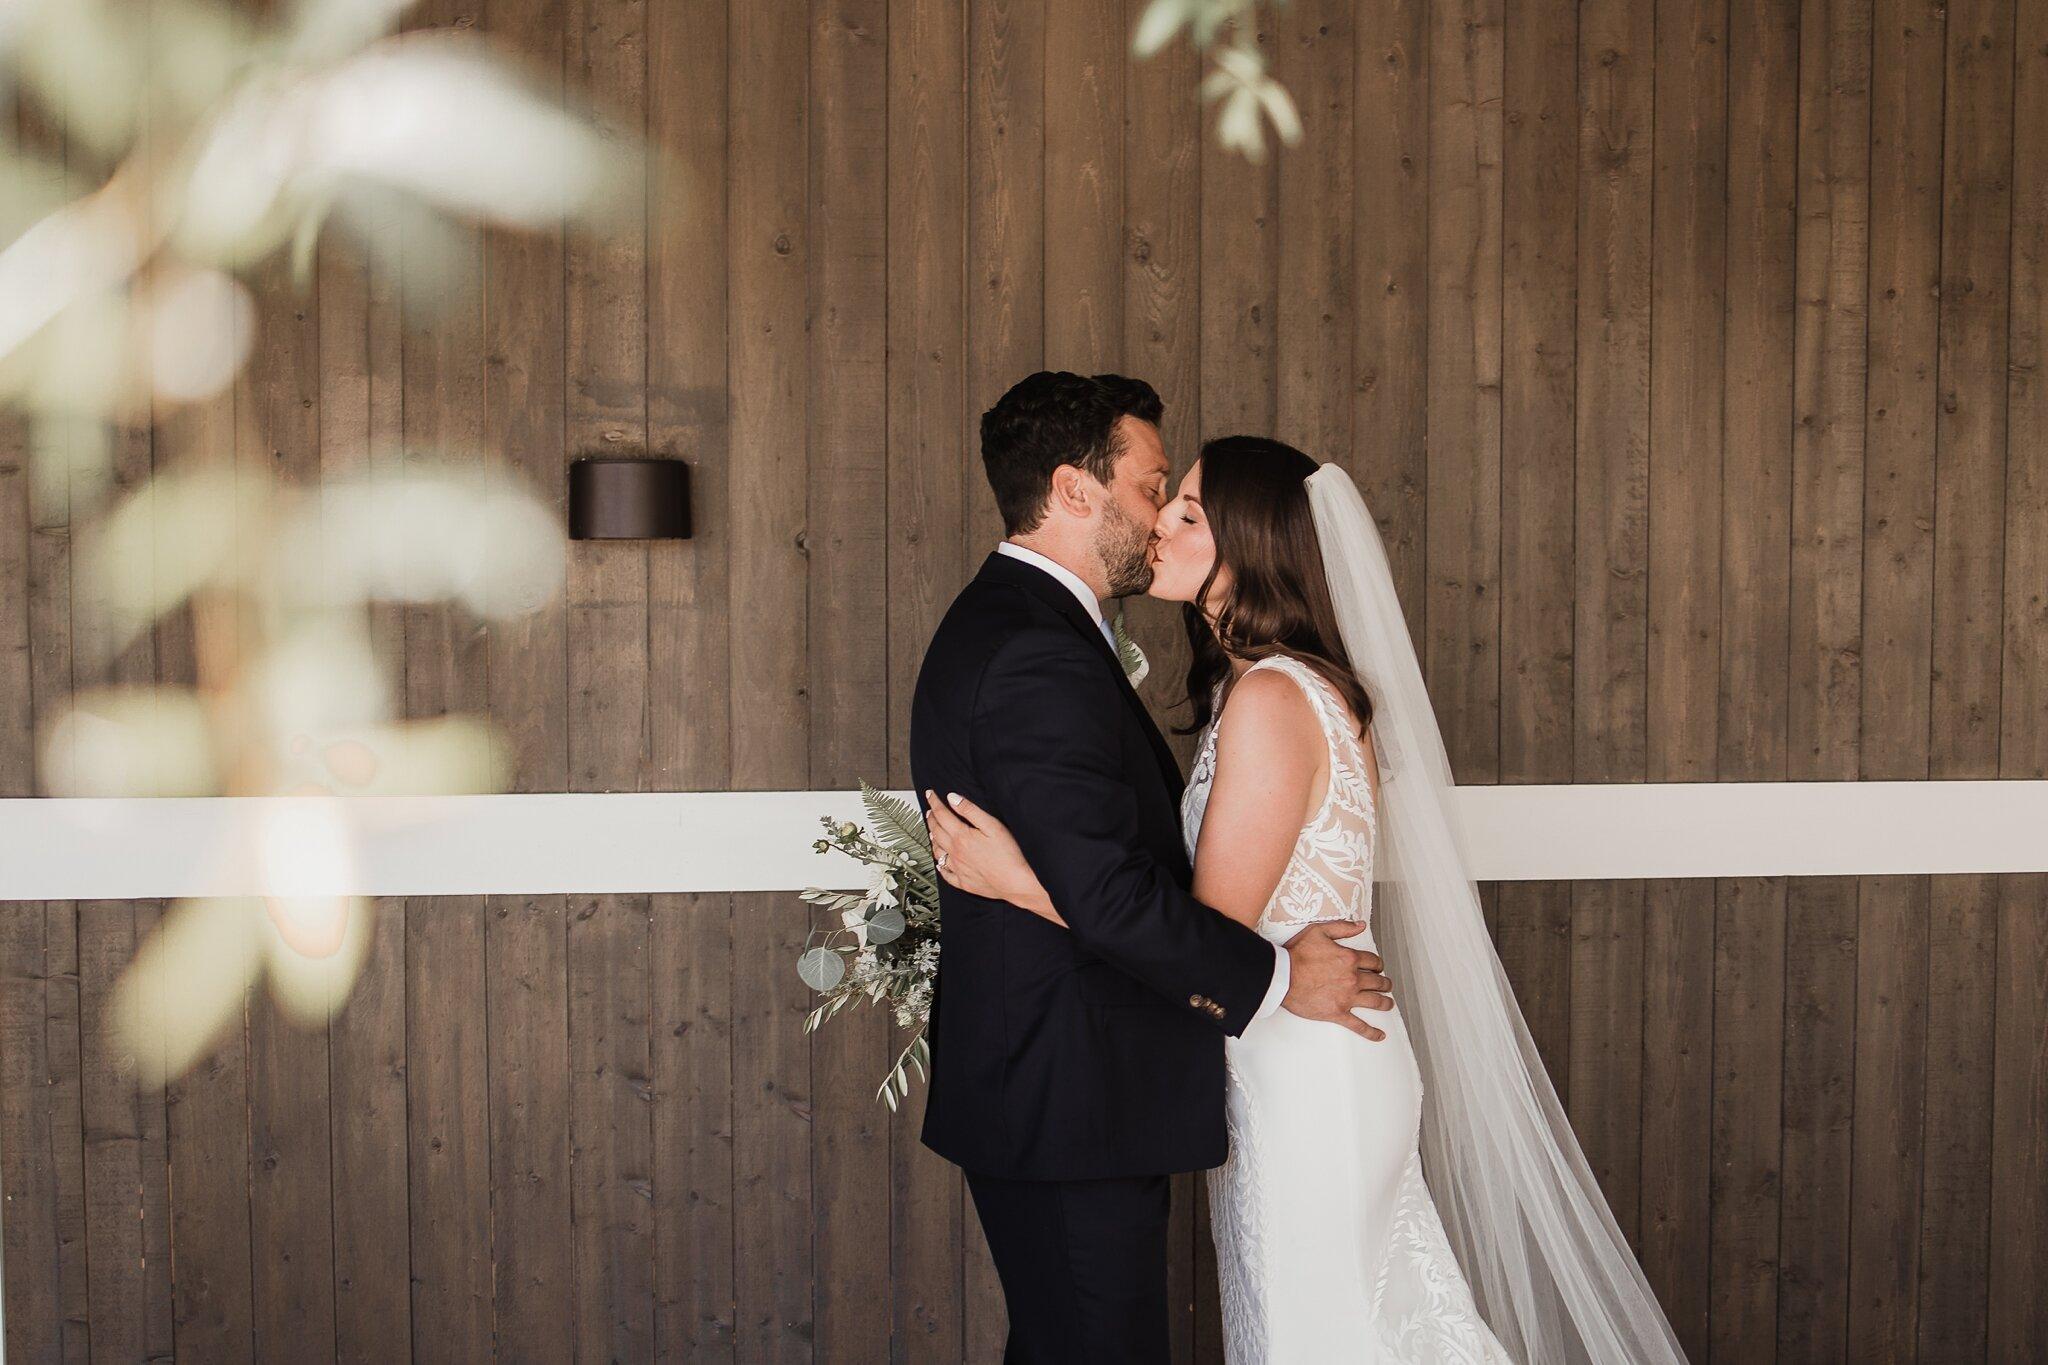 Alicia+lucia+photography+-+albuquerque+wedding+photographer+-+santa+fe+wedding+photography+-+new+mexico+wedding+photographer+-+new+mexico+wedding+-+wedding+-+albuquerque+wedding+-+los+poblanos+-+los+poblanos+wedding+-+fall+wedding_0027.jpg